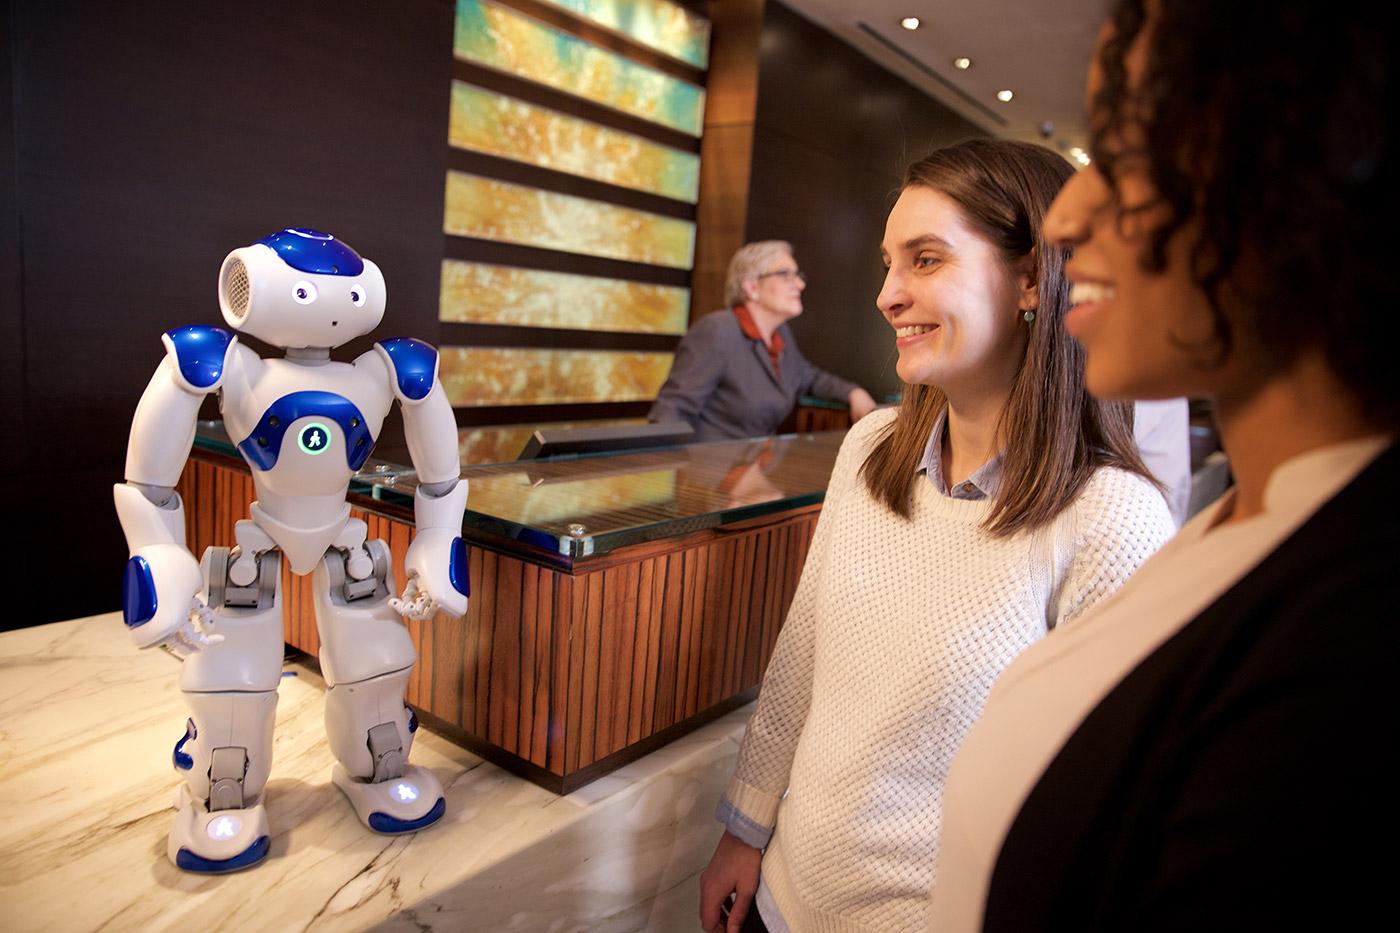 In einem Pilot-Projekt von Hilton, IBM und WayBlazer.com wird der Roboter Connie als Concierge trainiert. (Bild: IBM)